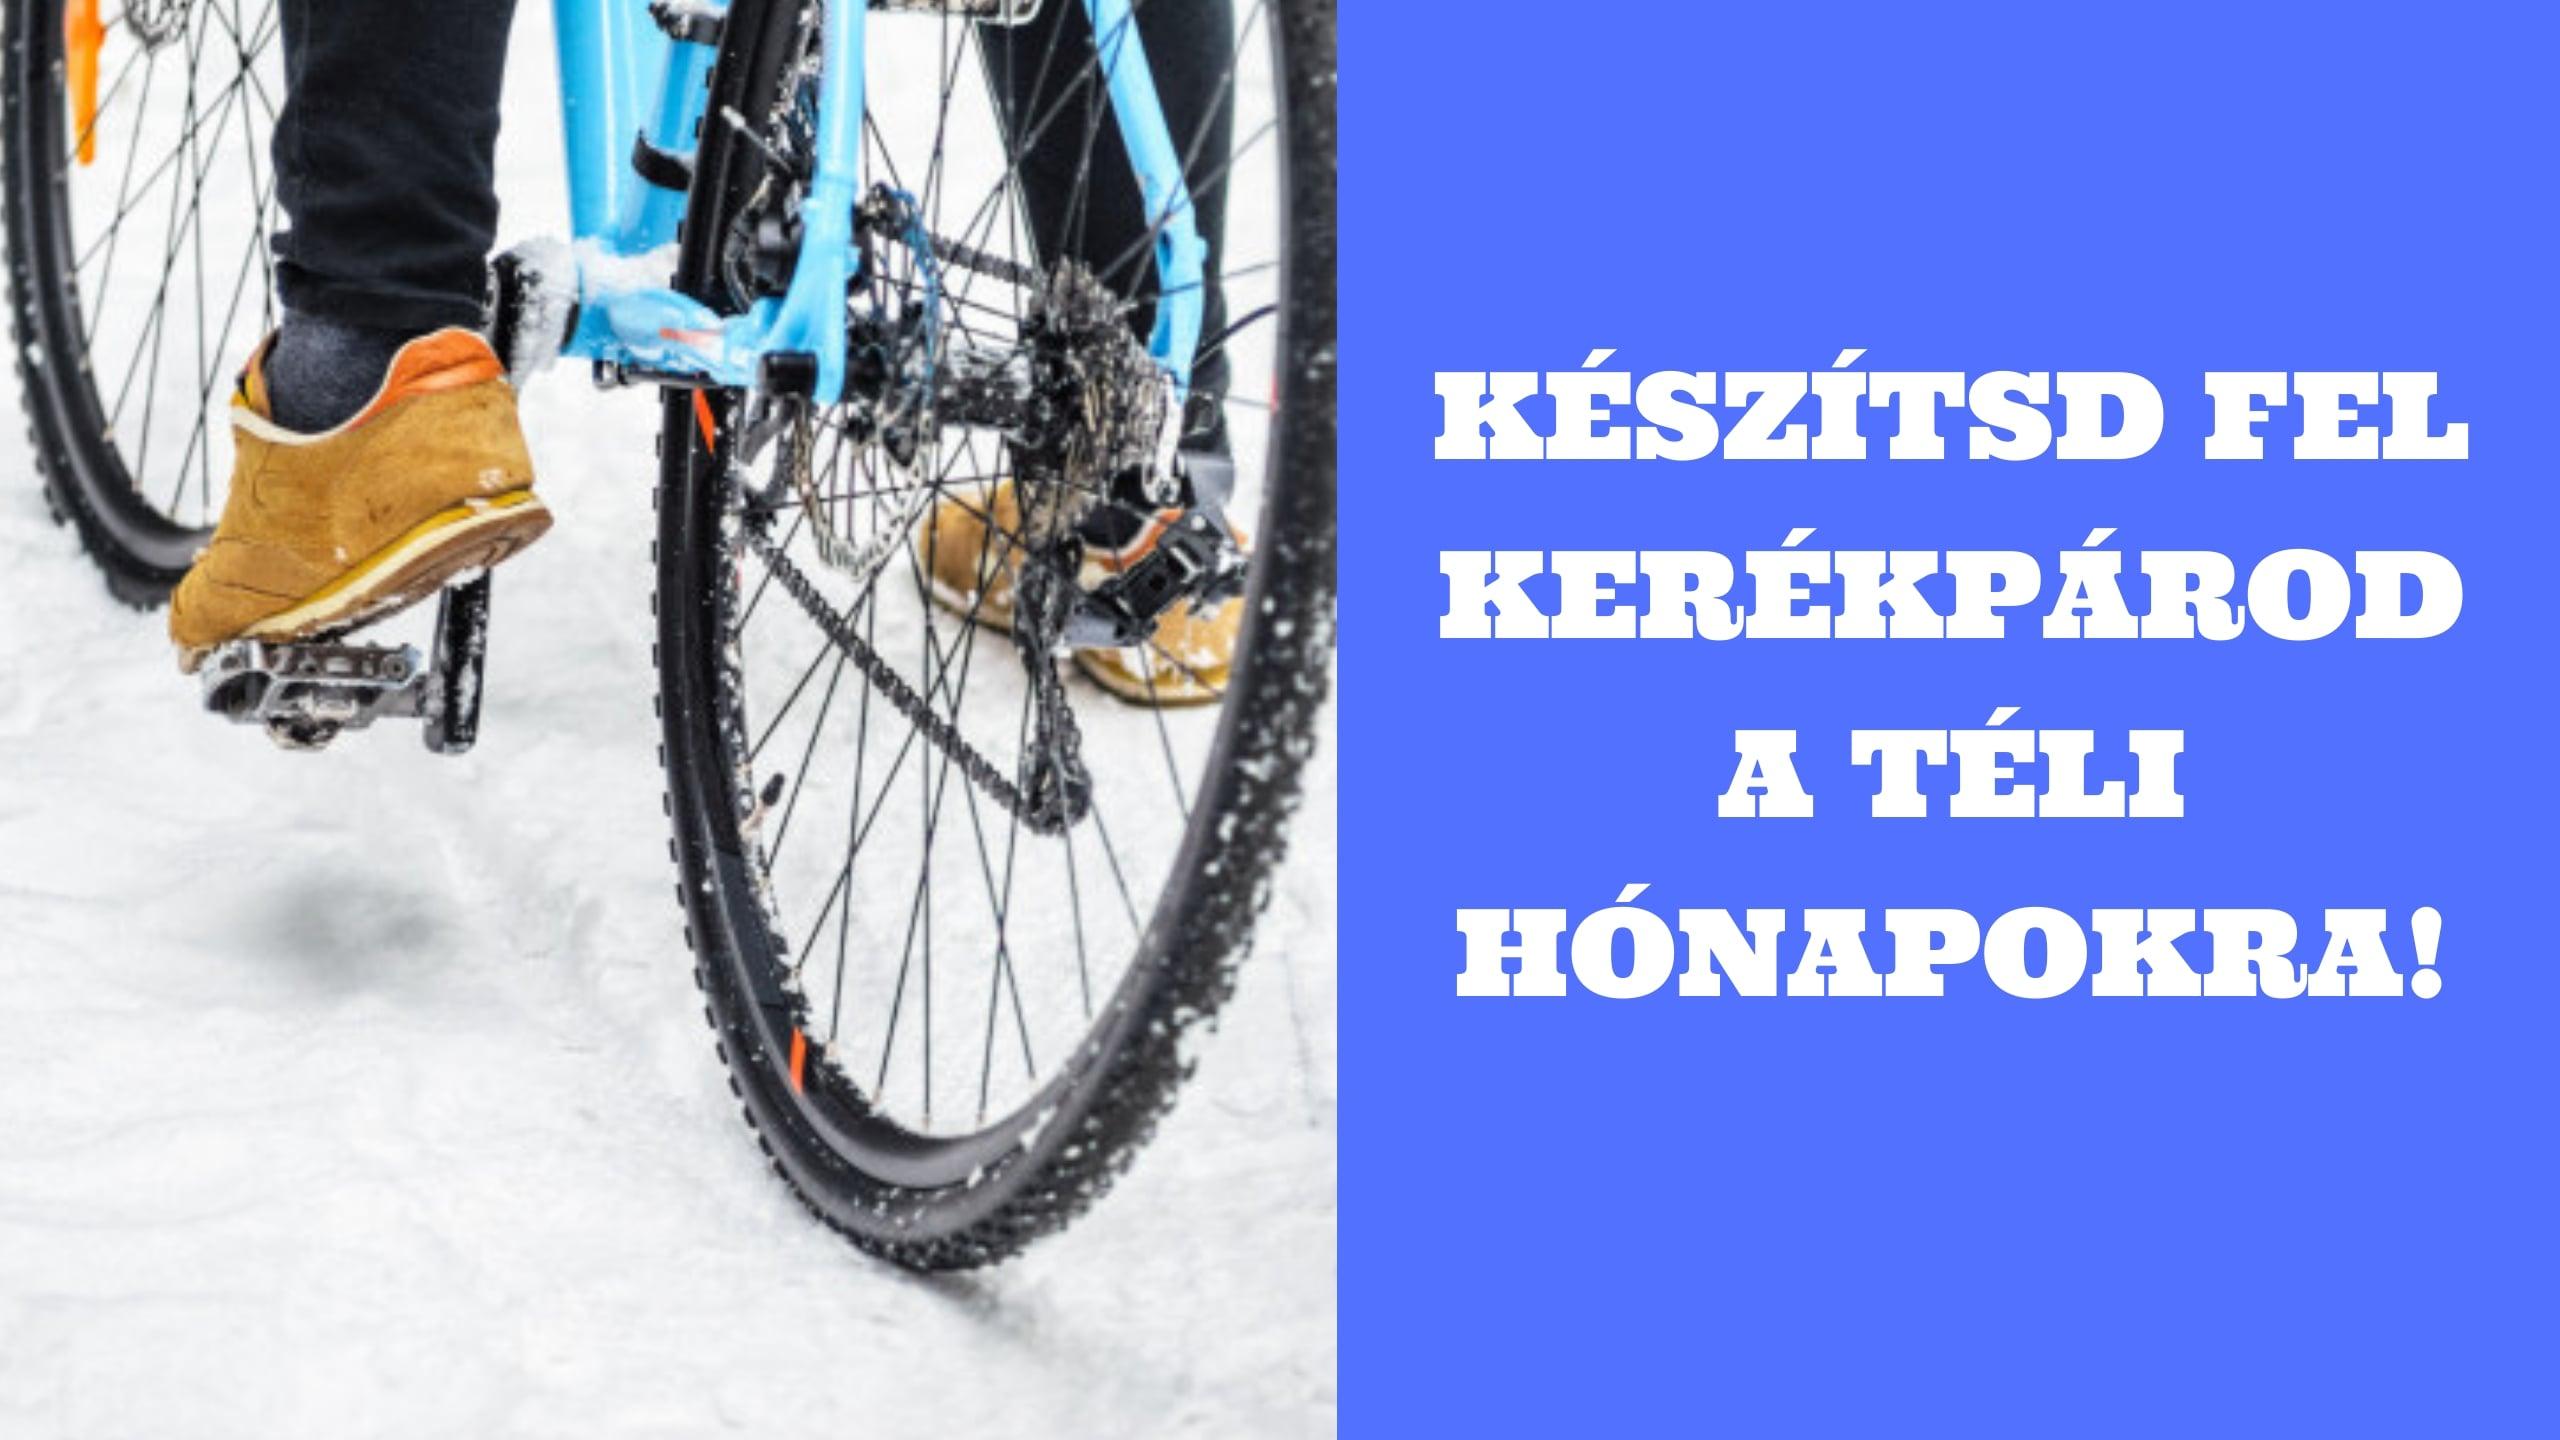 Télen is bringával jársz? Így készítsd fel kerékpárod a téli hónapokra!